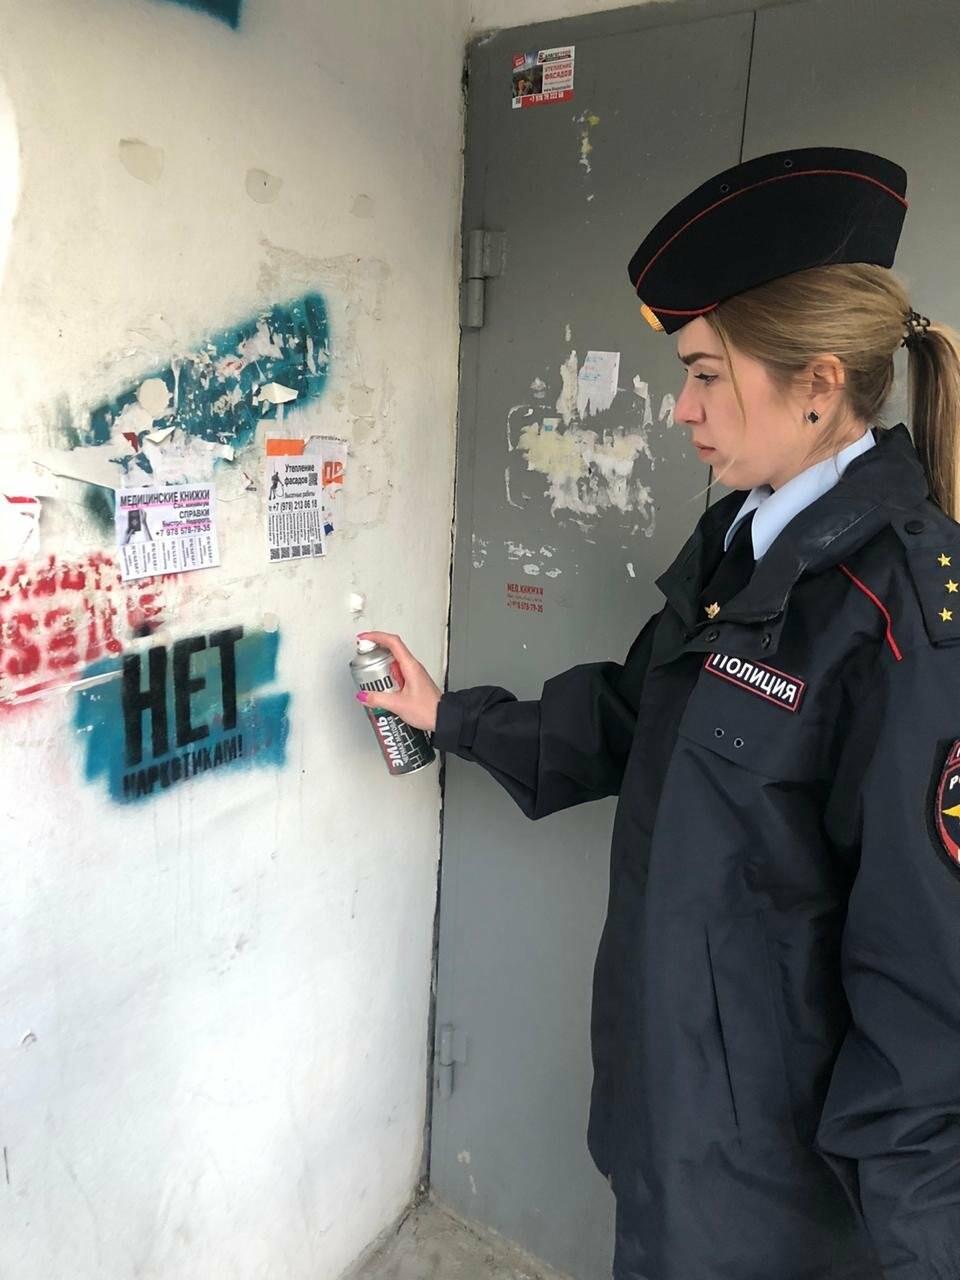 В Ялте  провели рейд по закрашиванию надписей с рекламой наркотиков, фото-3